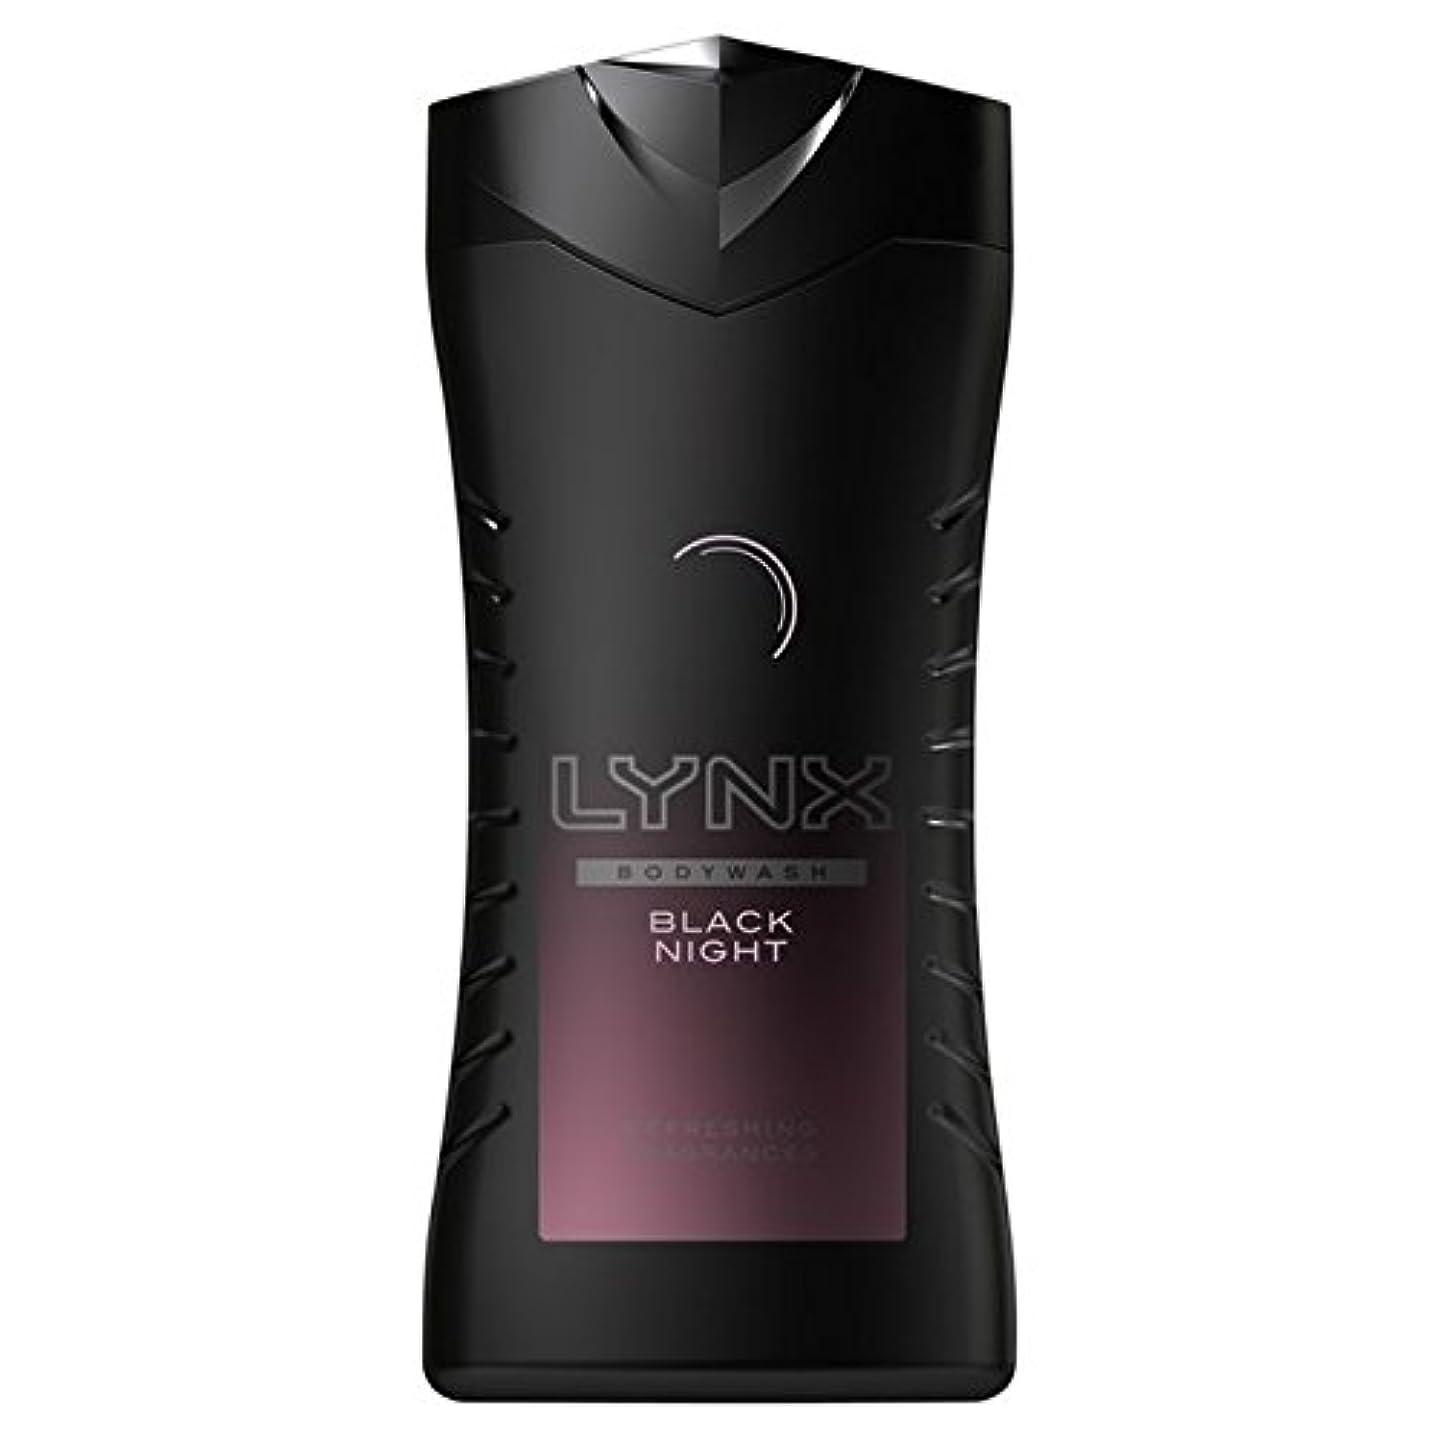 ストリーム事務所汚いオオヤマネコ黒夜シャワージェル250ミリリットル x4 - Lynx Black Night Shower Gel 250ml (Pack of 4) [並行輸入品]